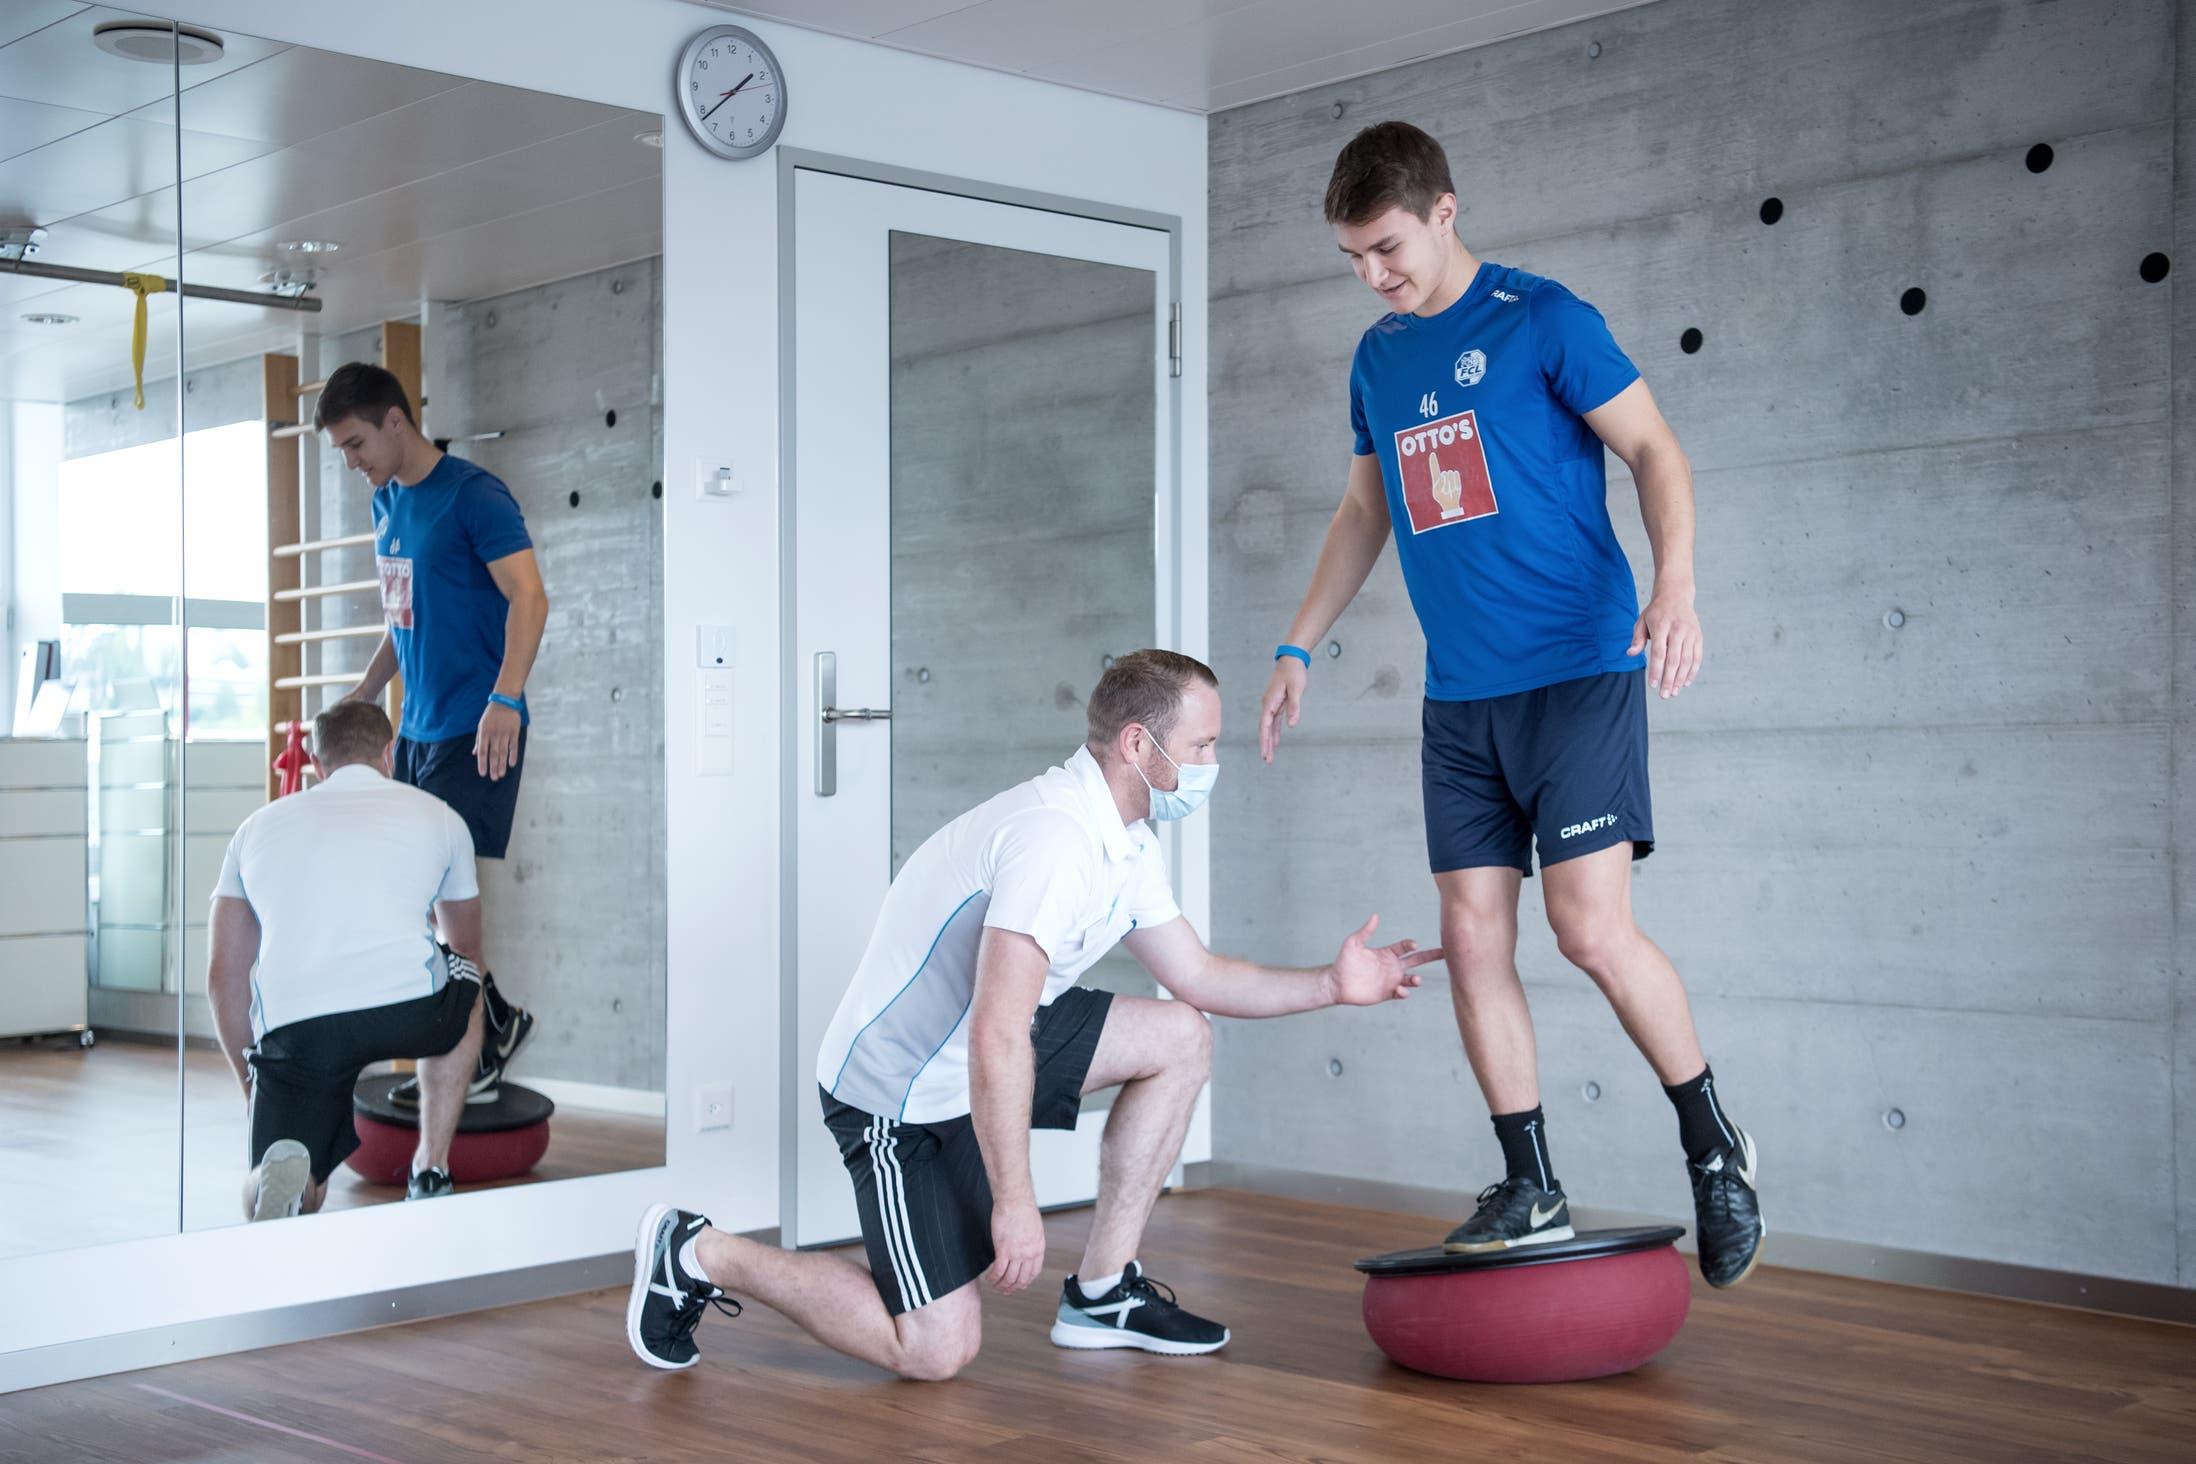 «Laufen ohne Krücken, ein super Gefühl» - Einblick in die